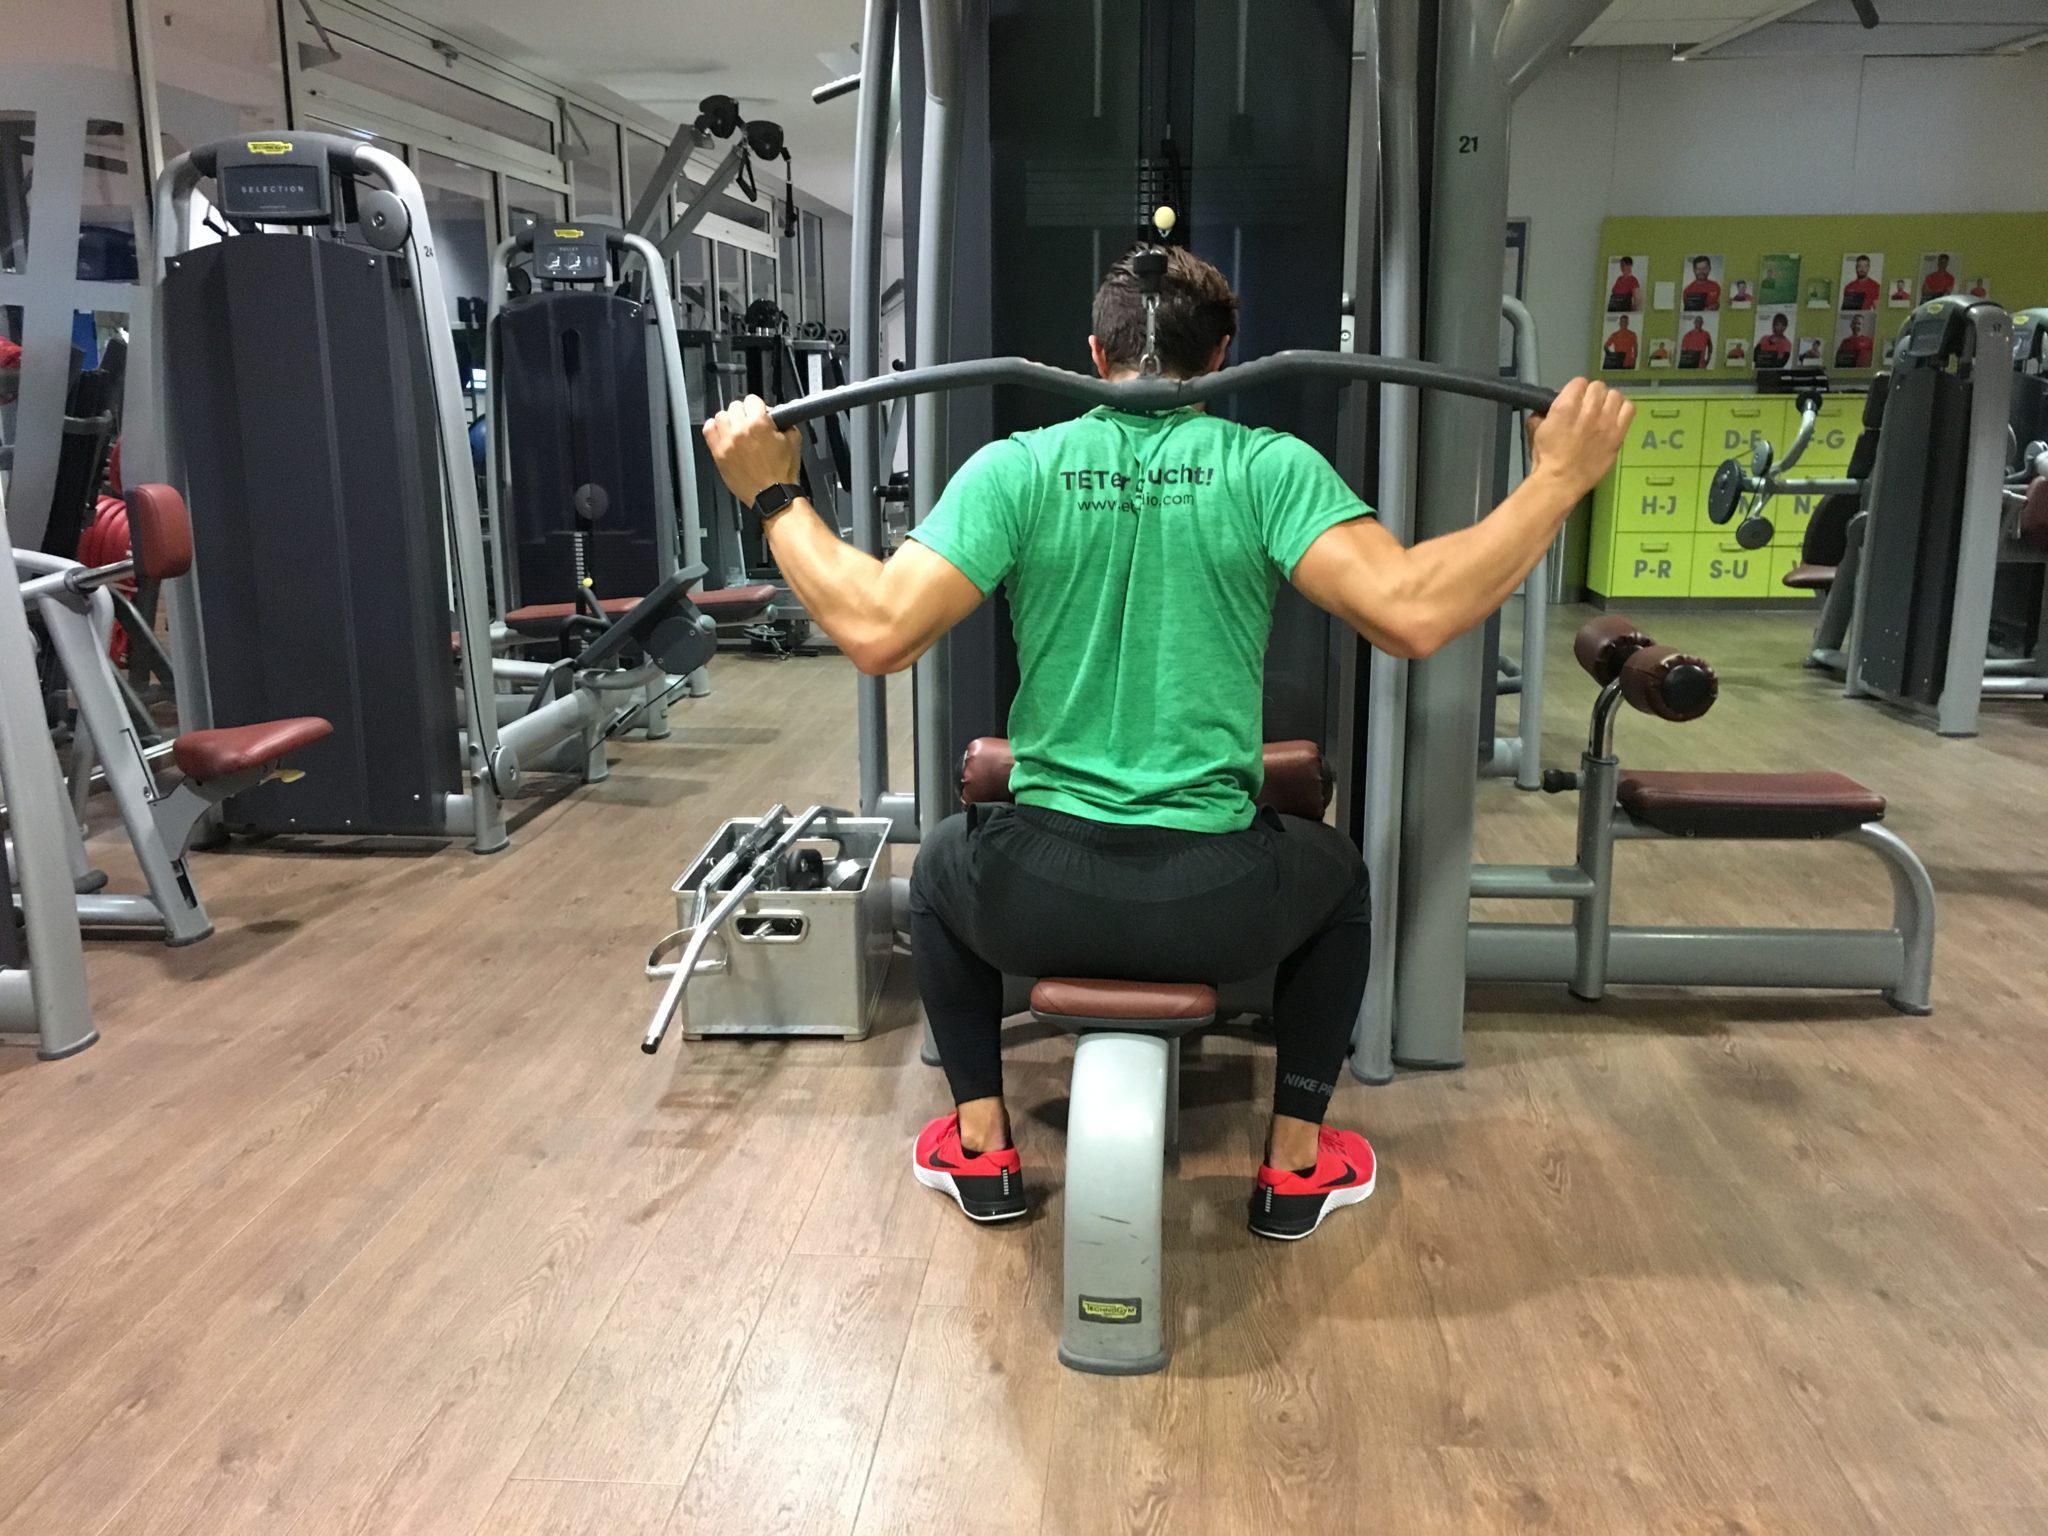 ᐅ Oberer Rücken Training - Top Übungen für Dein Rücken Workout!